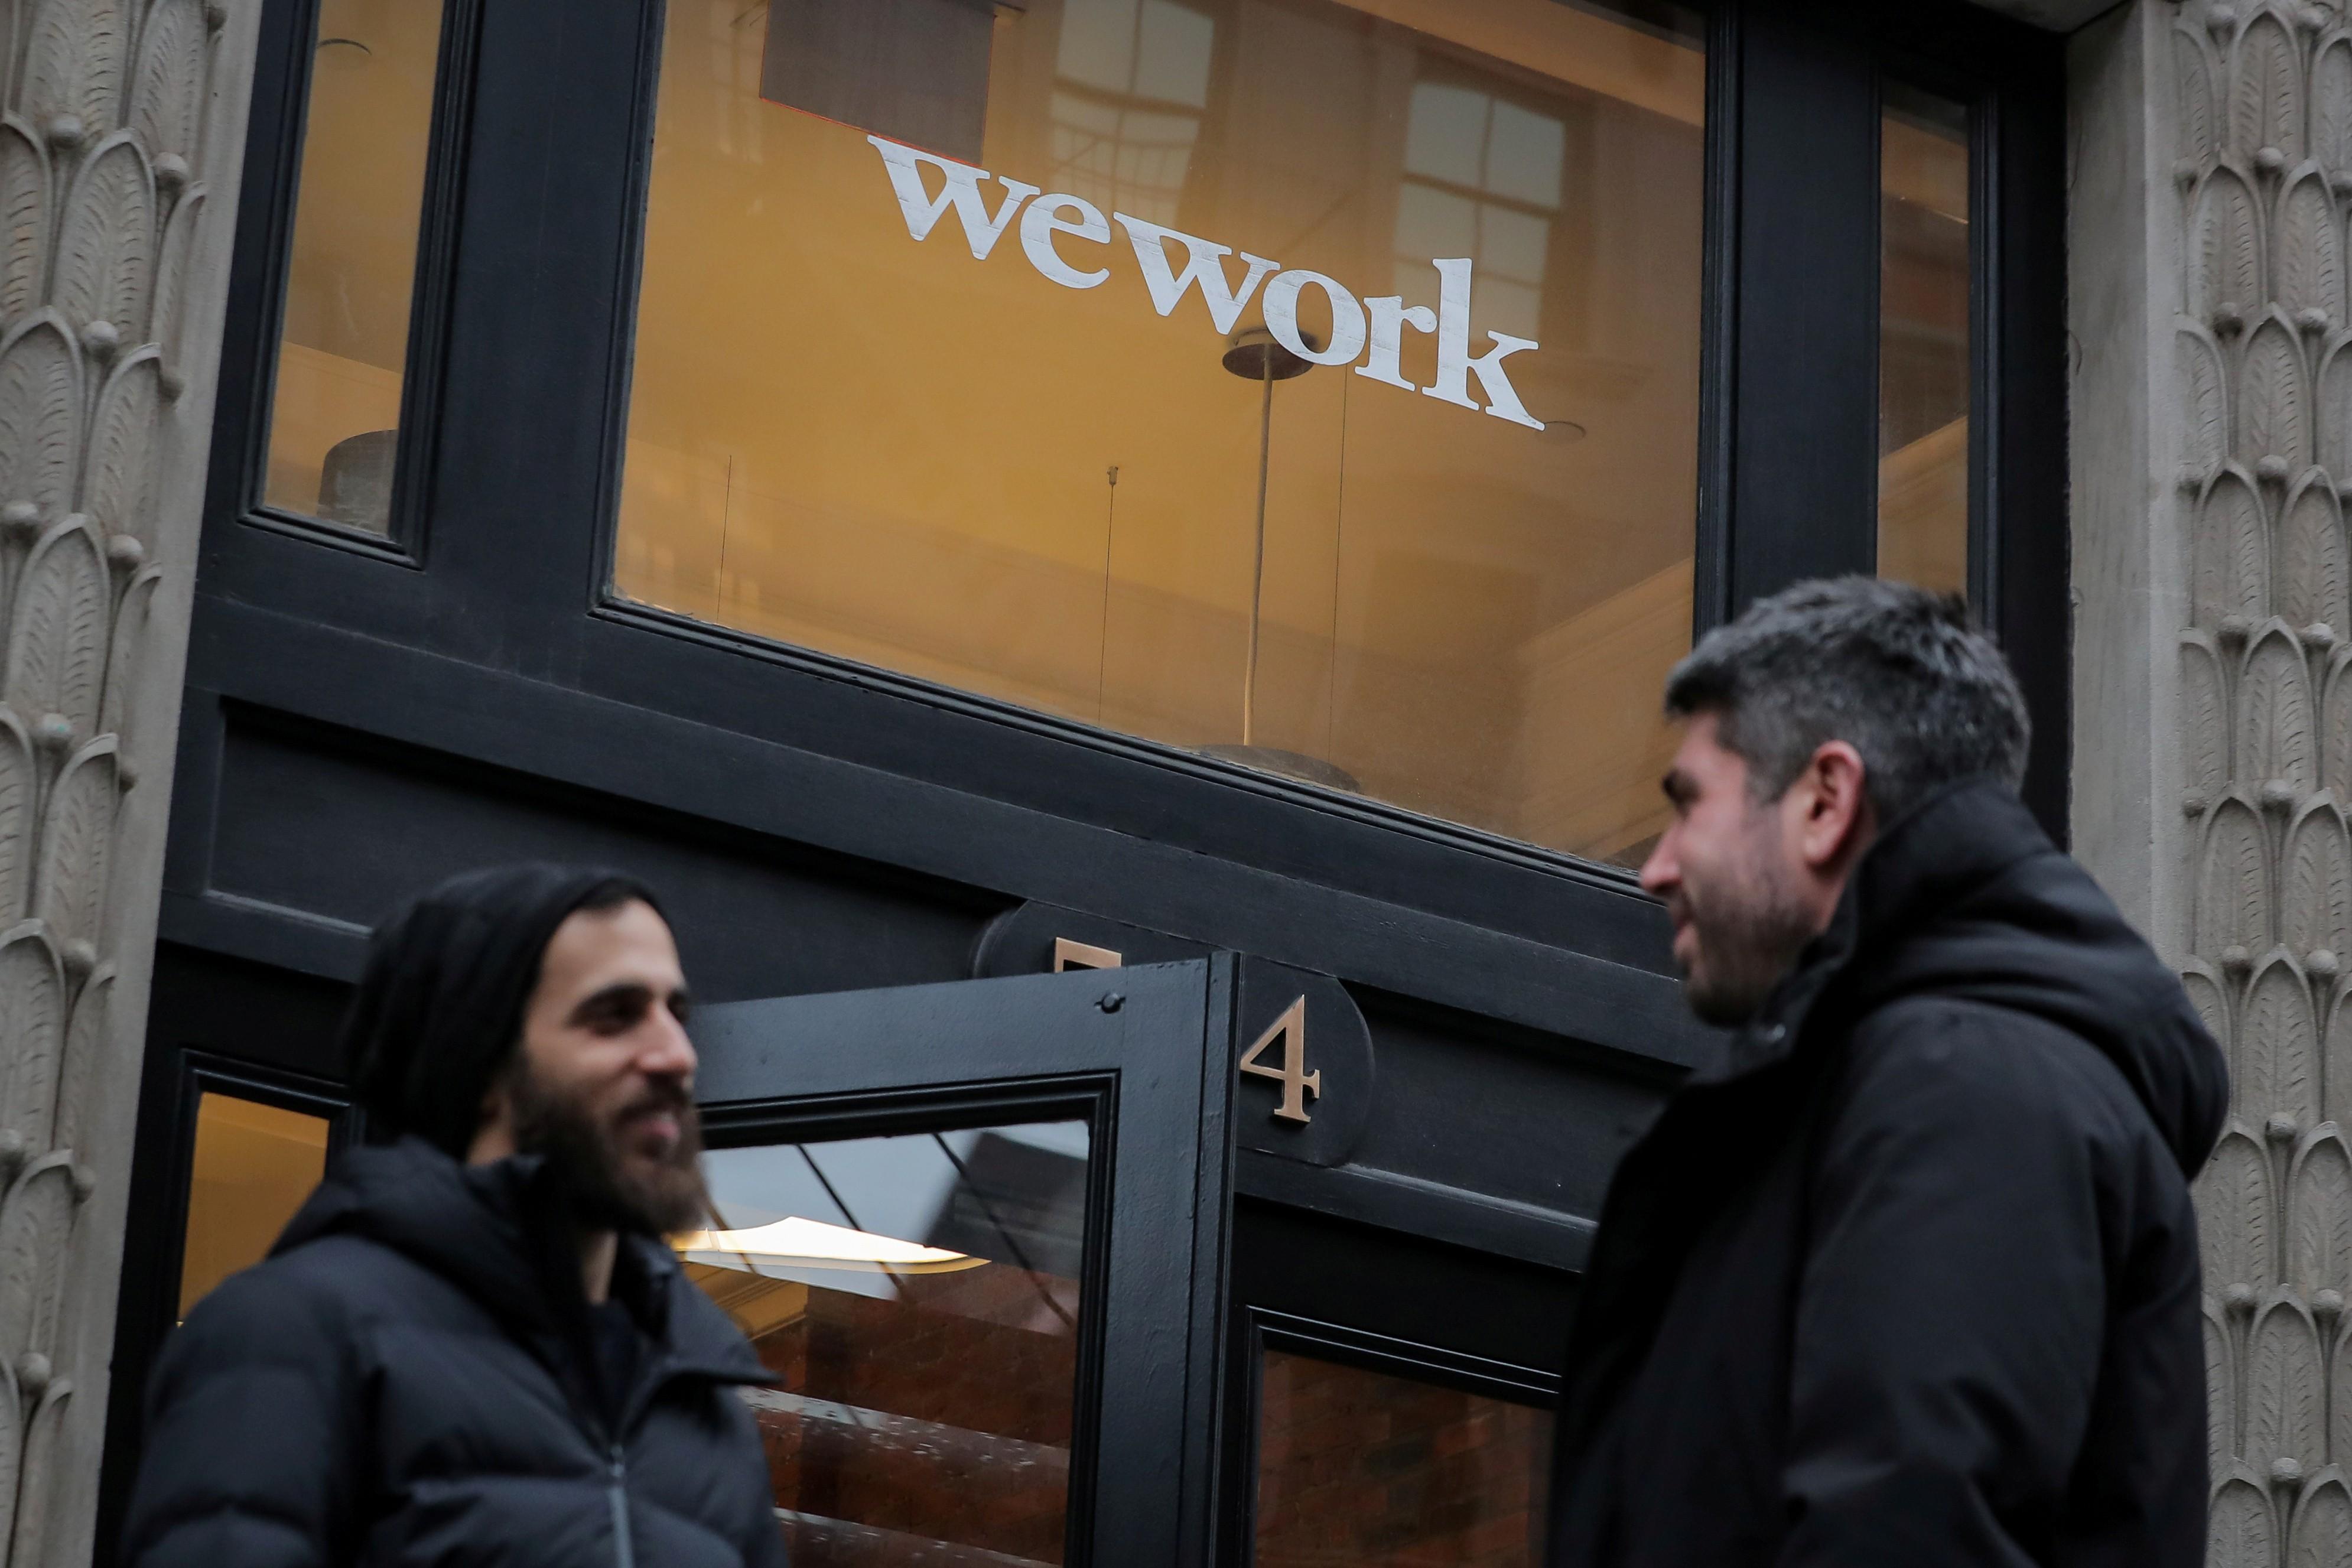 Dona da WeWork adia IPO após resposta fria de investidores - Notícias - Plantão Diário